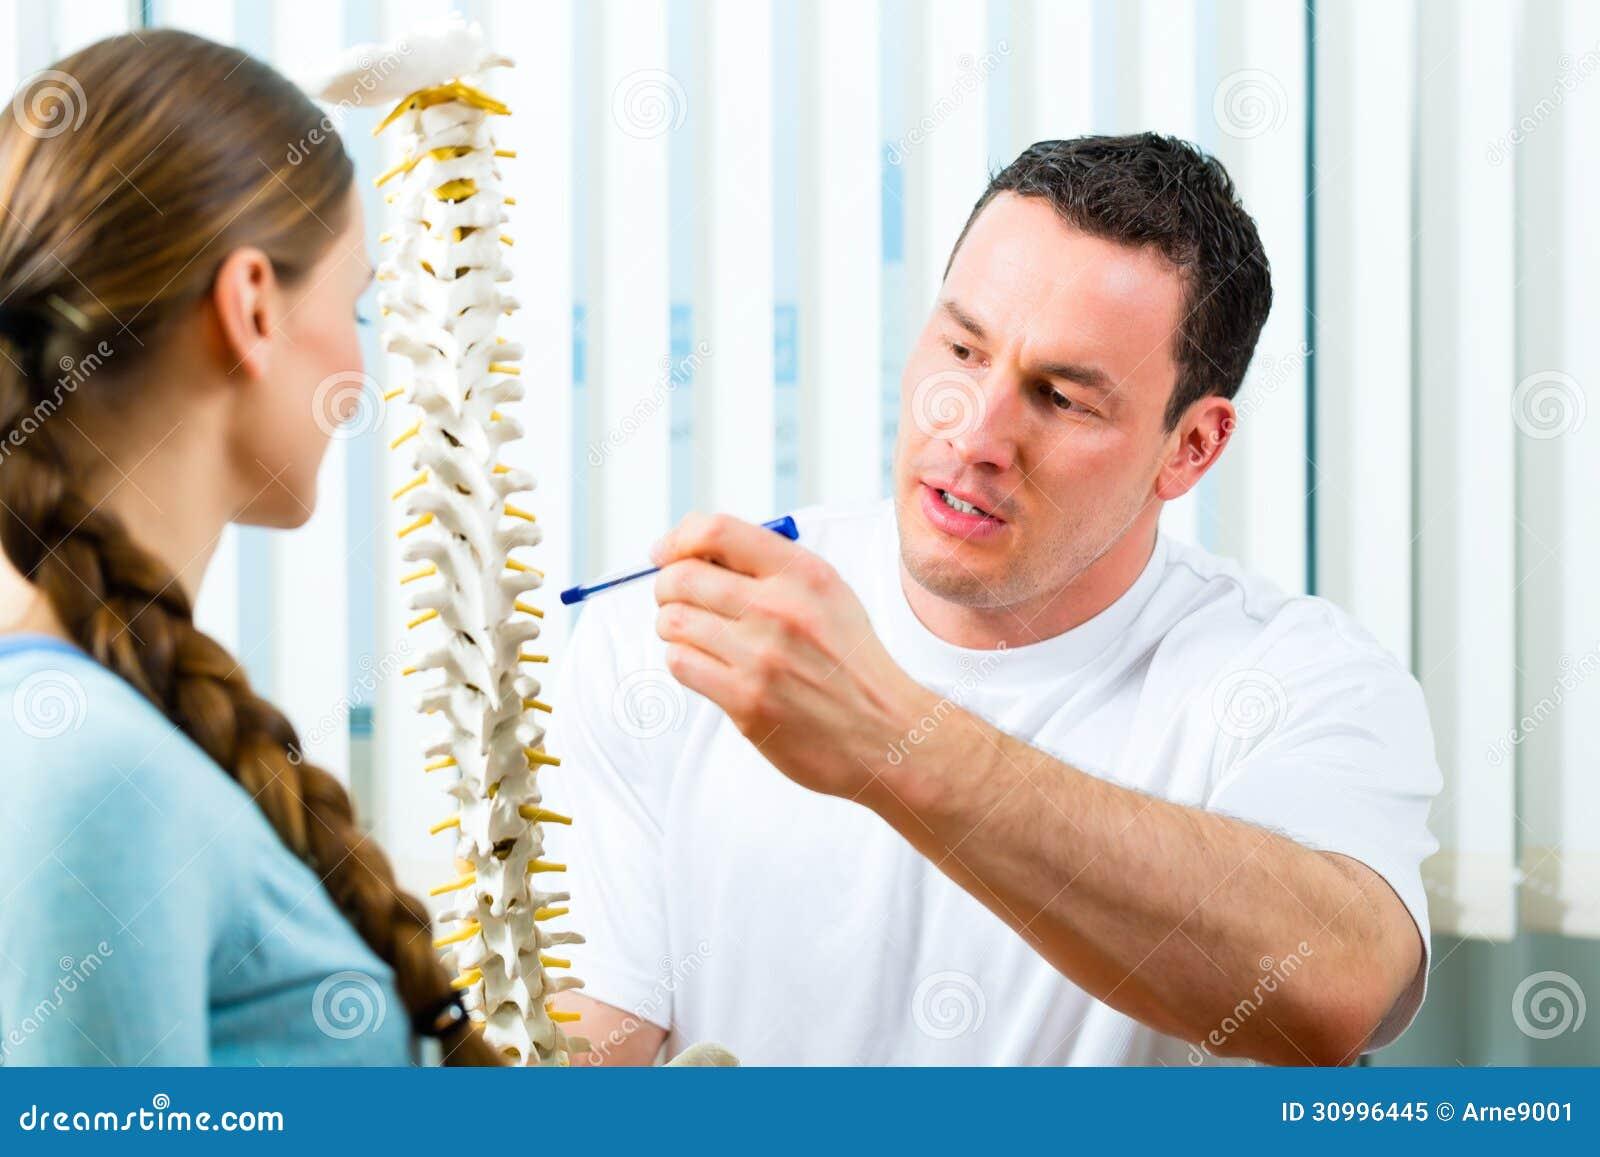 忠告-物理疗法的患者